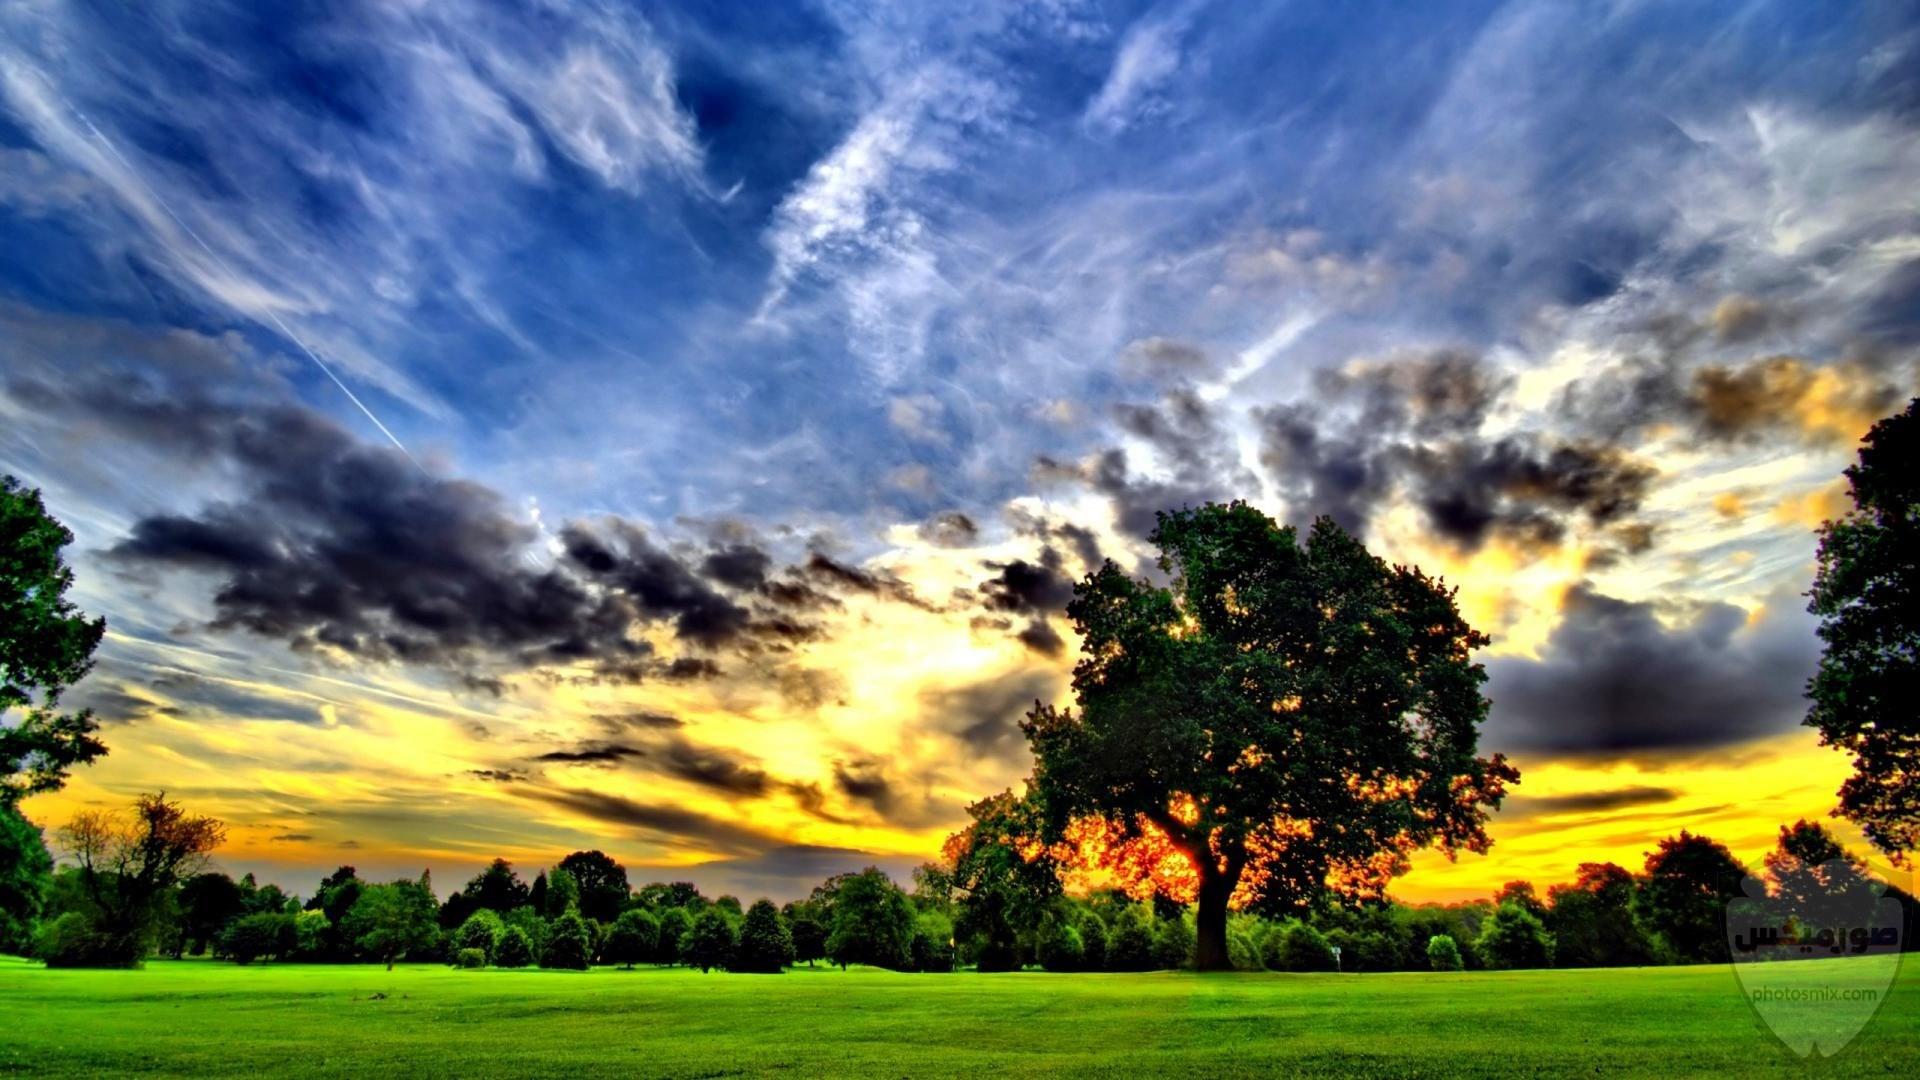 صور طبيعة جميلة صور طبيعيه خلابه 6